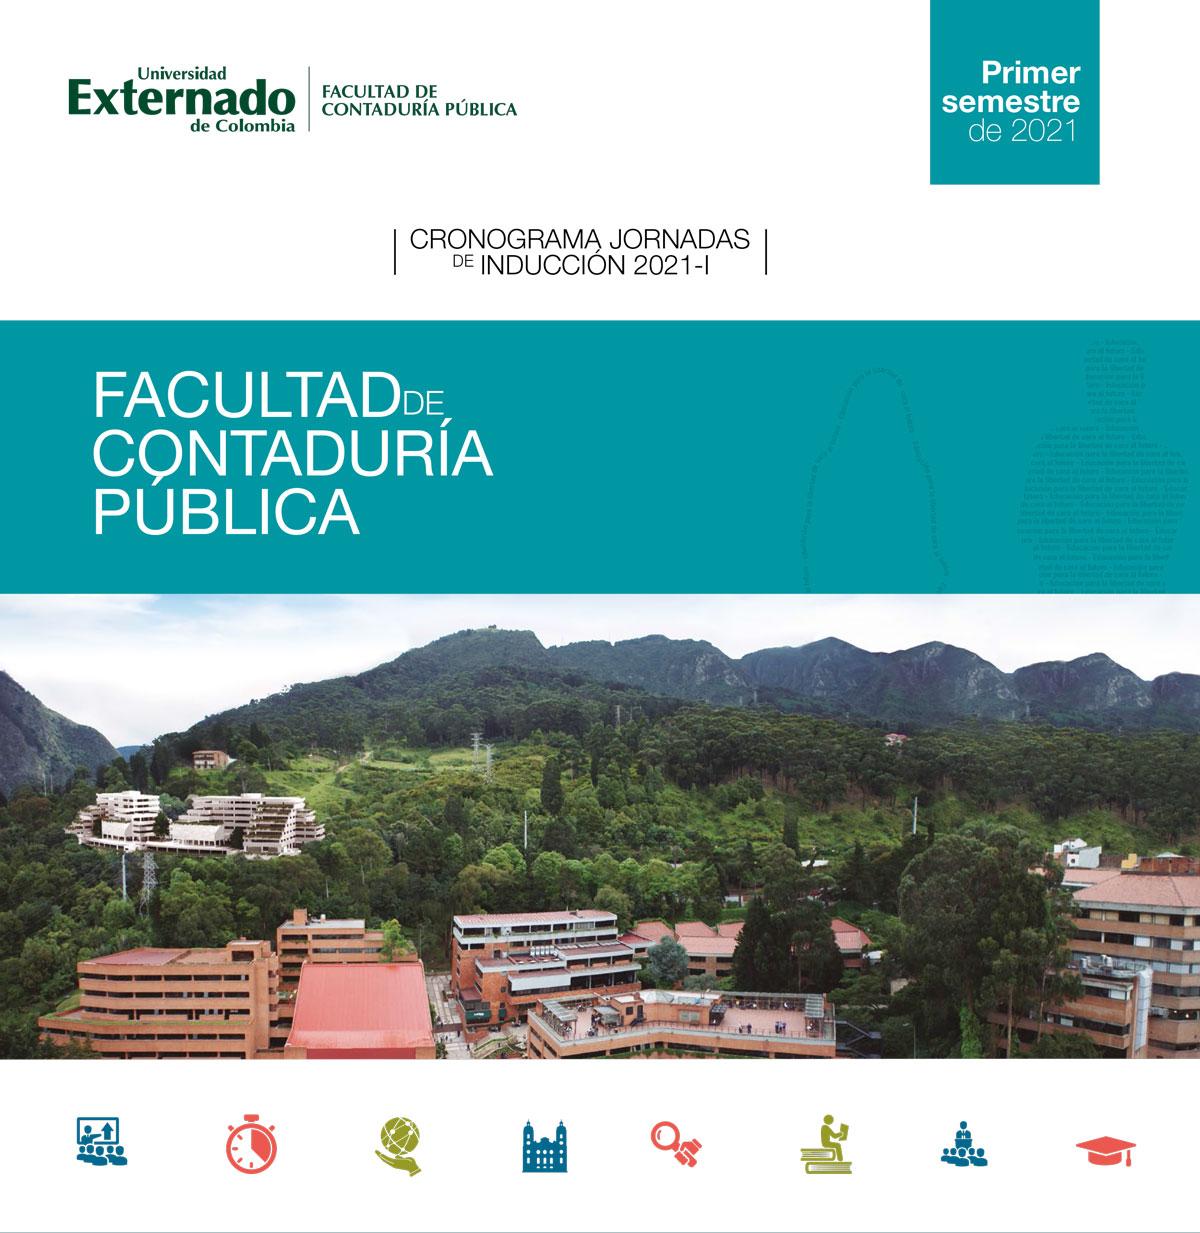 Facultad de Contaduría Pública